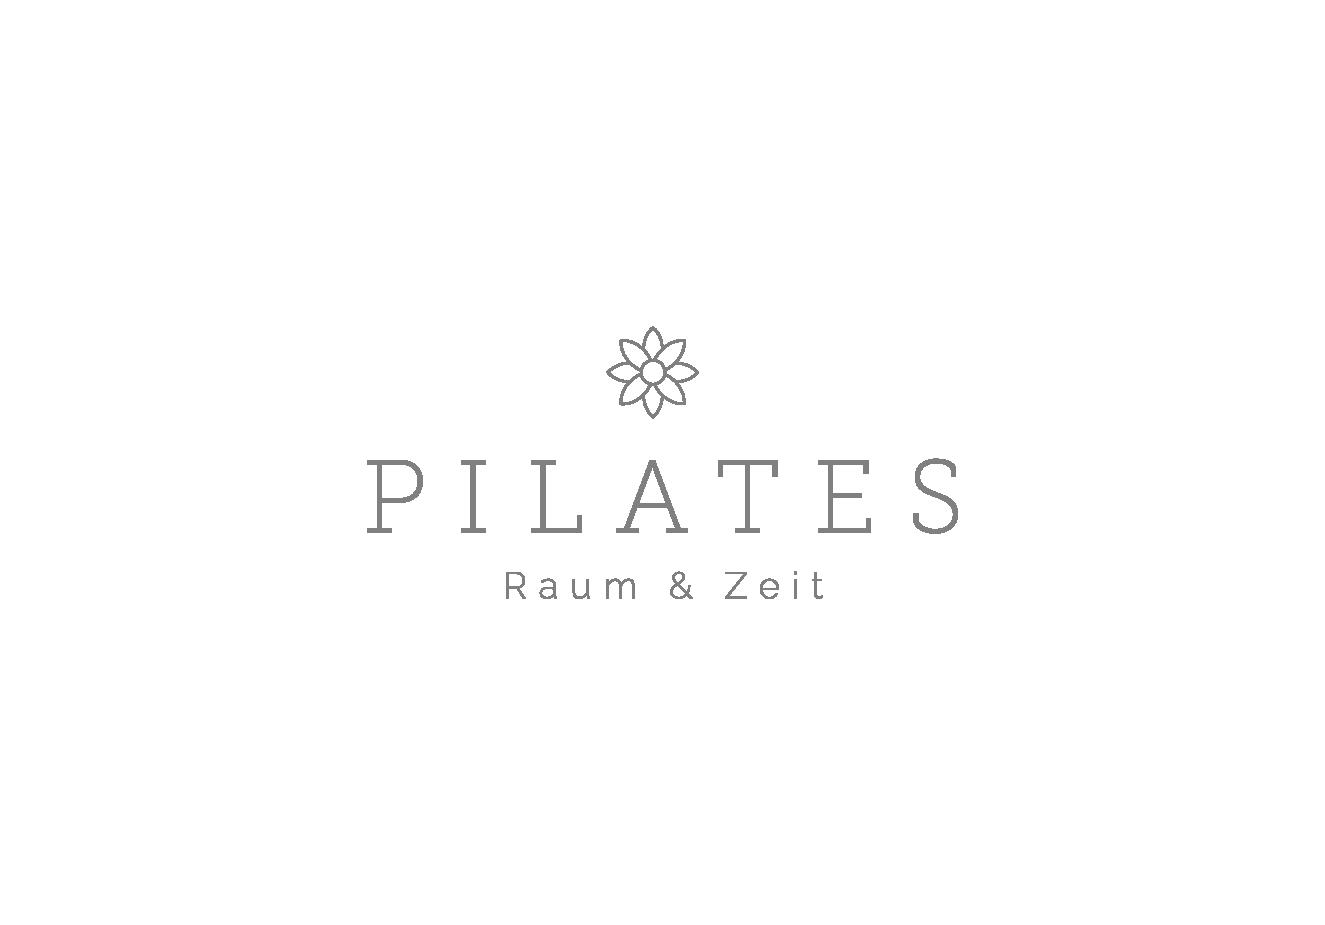 pilates-raum-zeit-sw